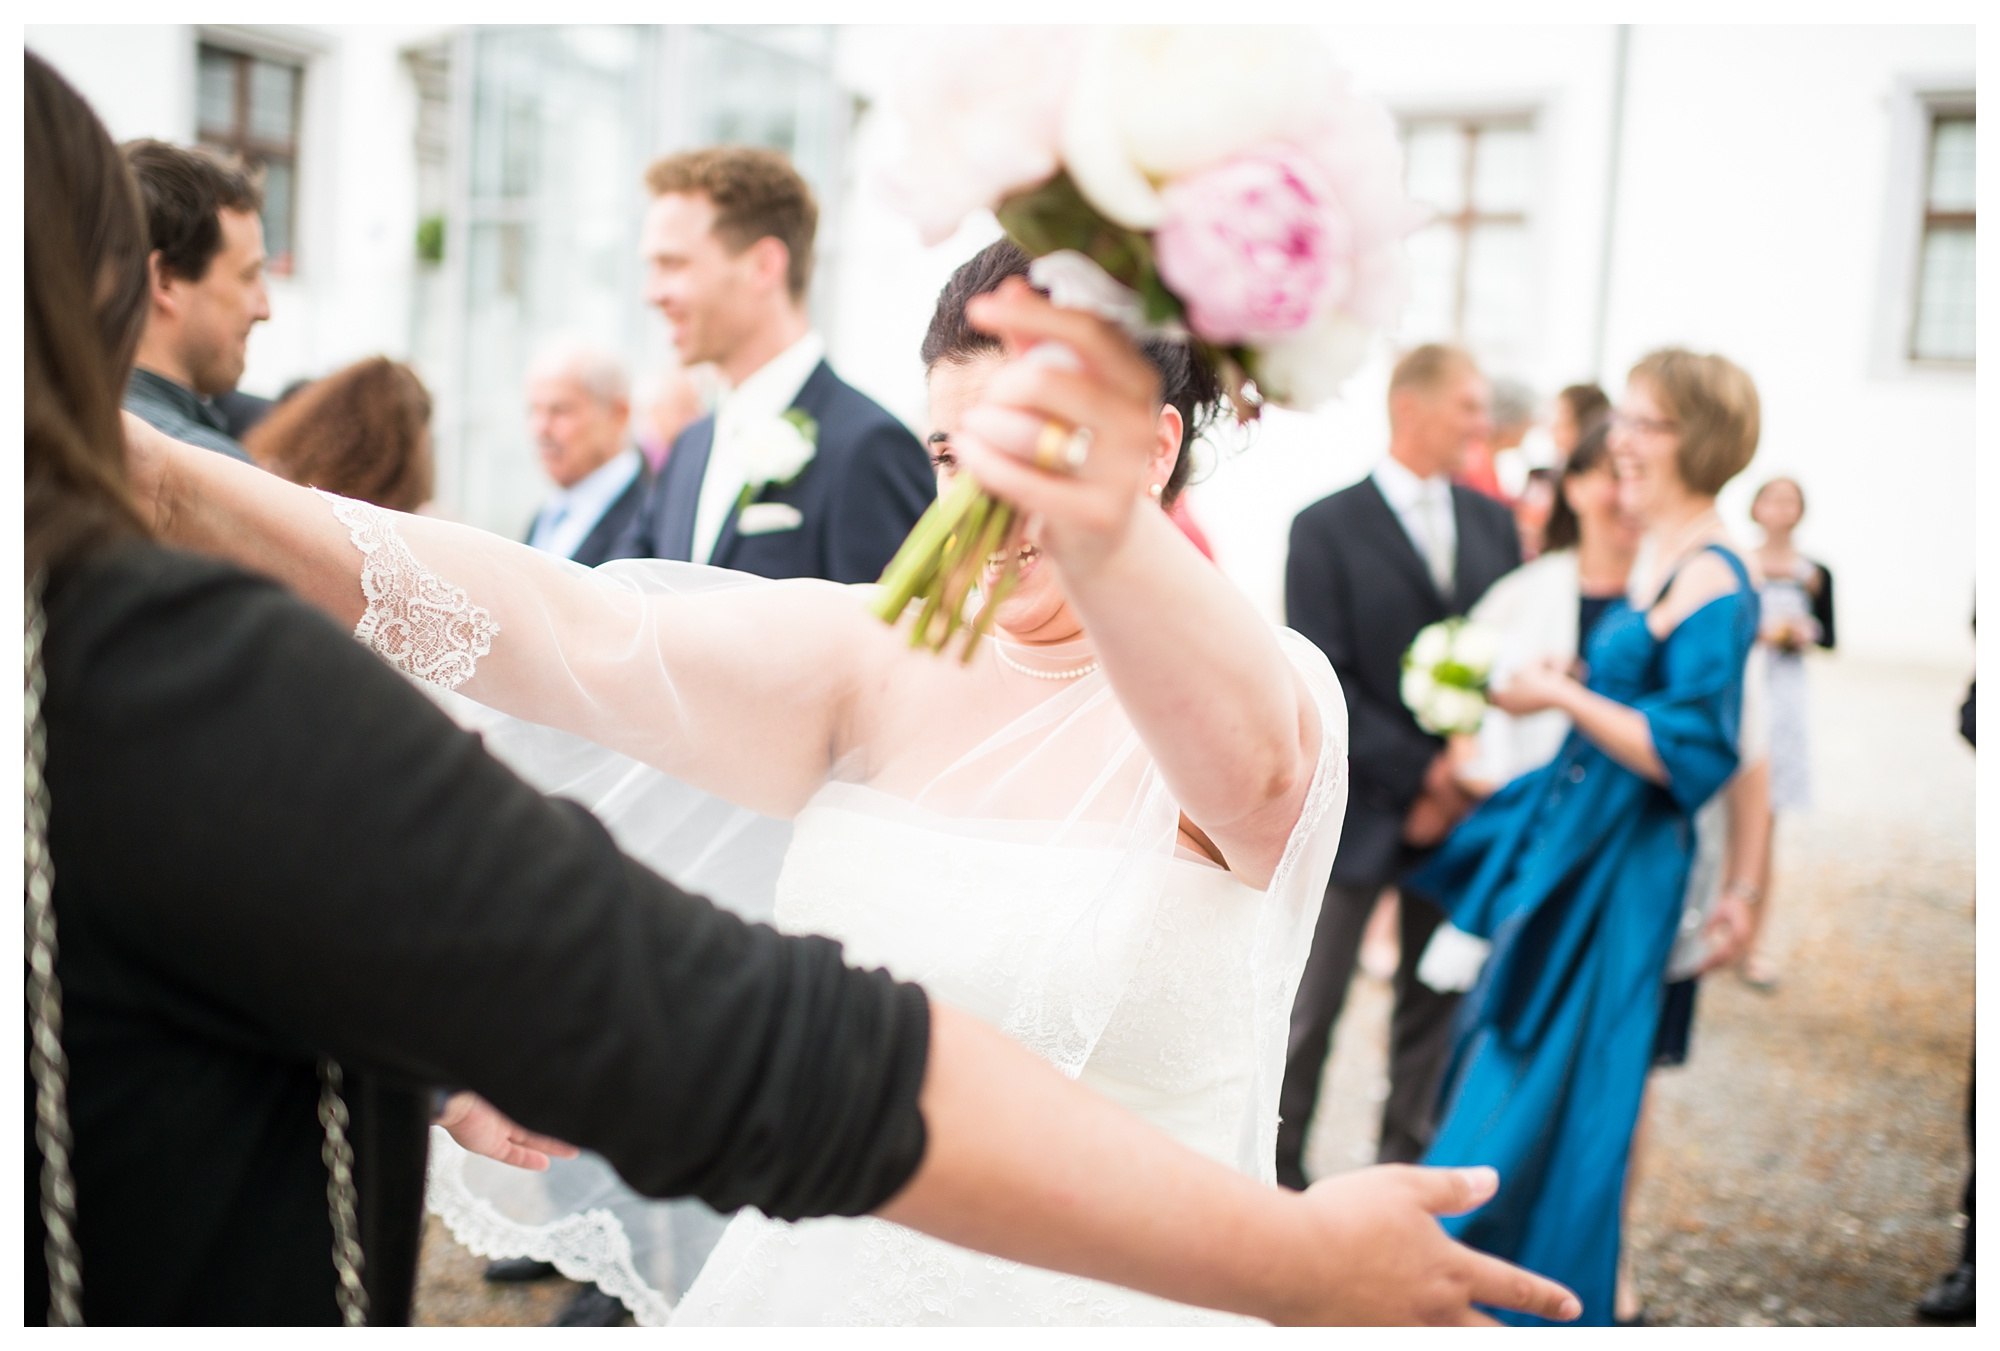 Fotograf Konstanz - Hochzeit Tanja Elmar Elmar Feuerbacher Photography Konstanz Messkirch Highlights 047 - Hochzeitsreportage von Tanja und Elmar im Schloss Meßkirch  - 151 -